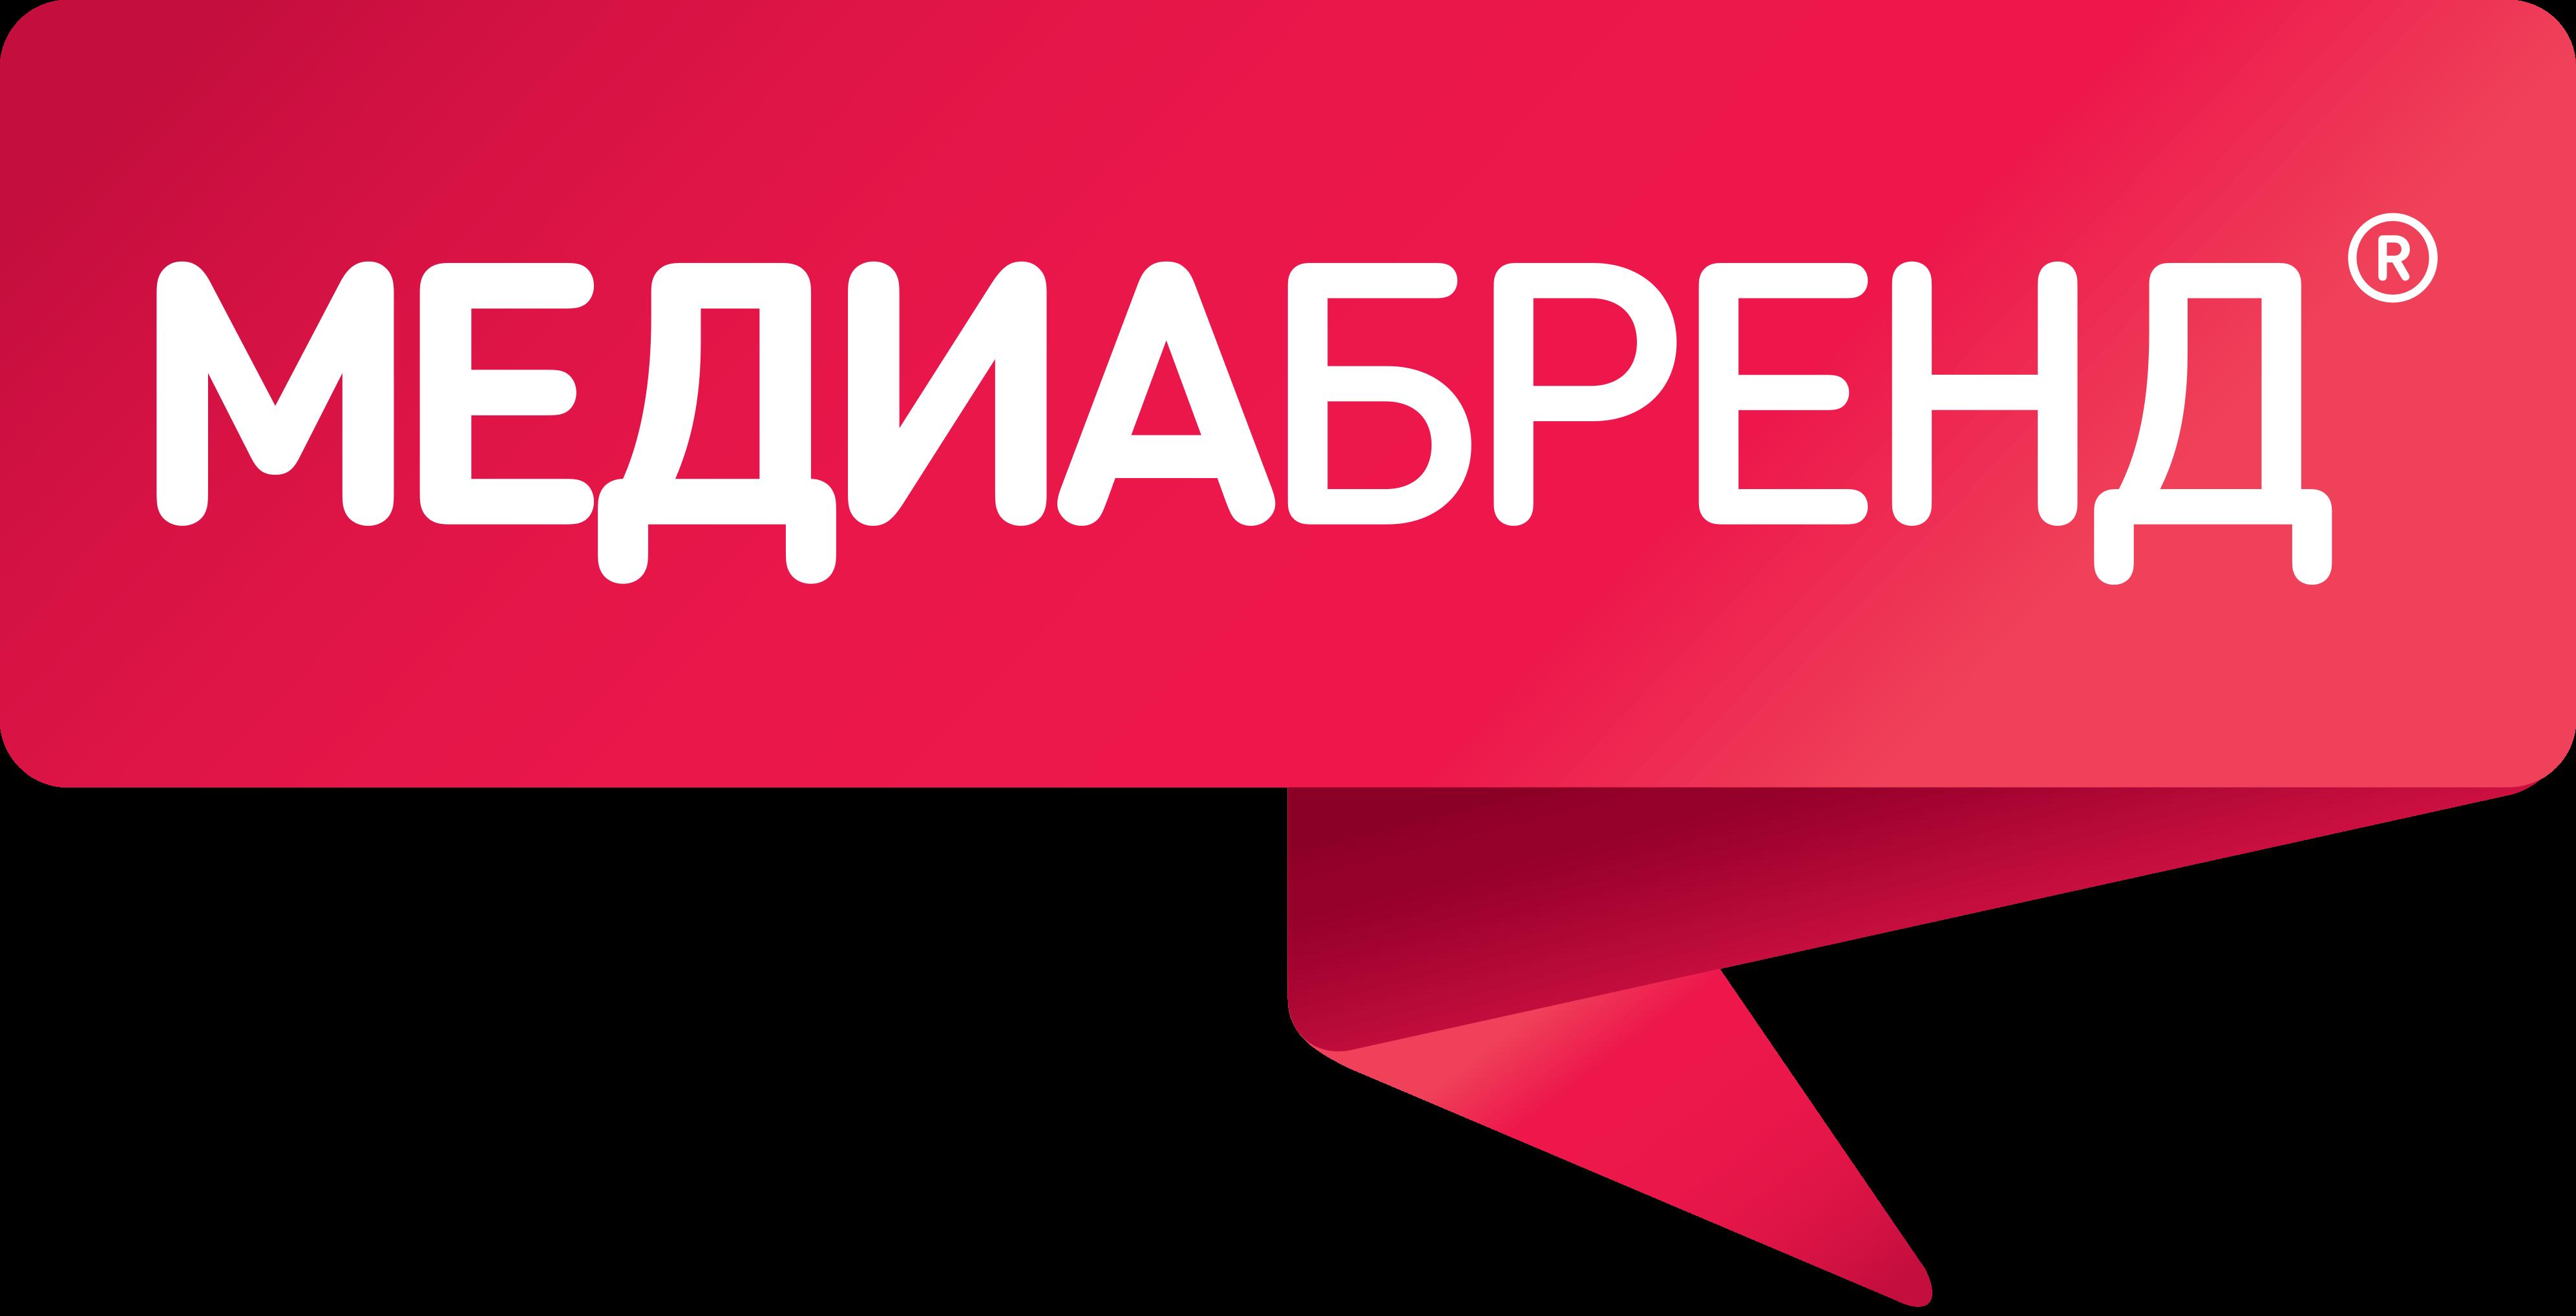 logo mediabrand